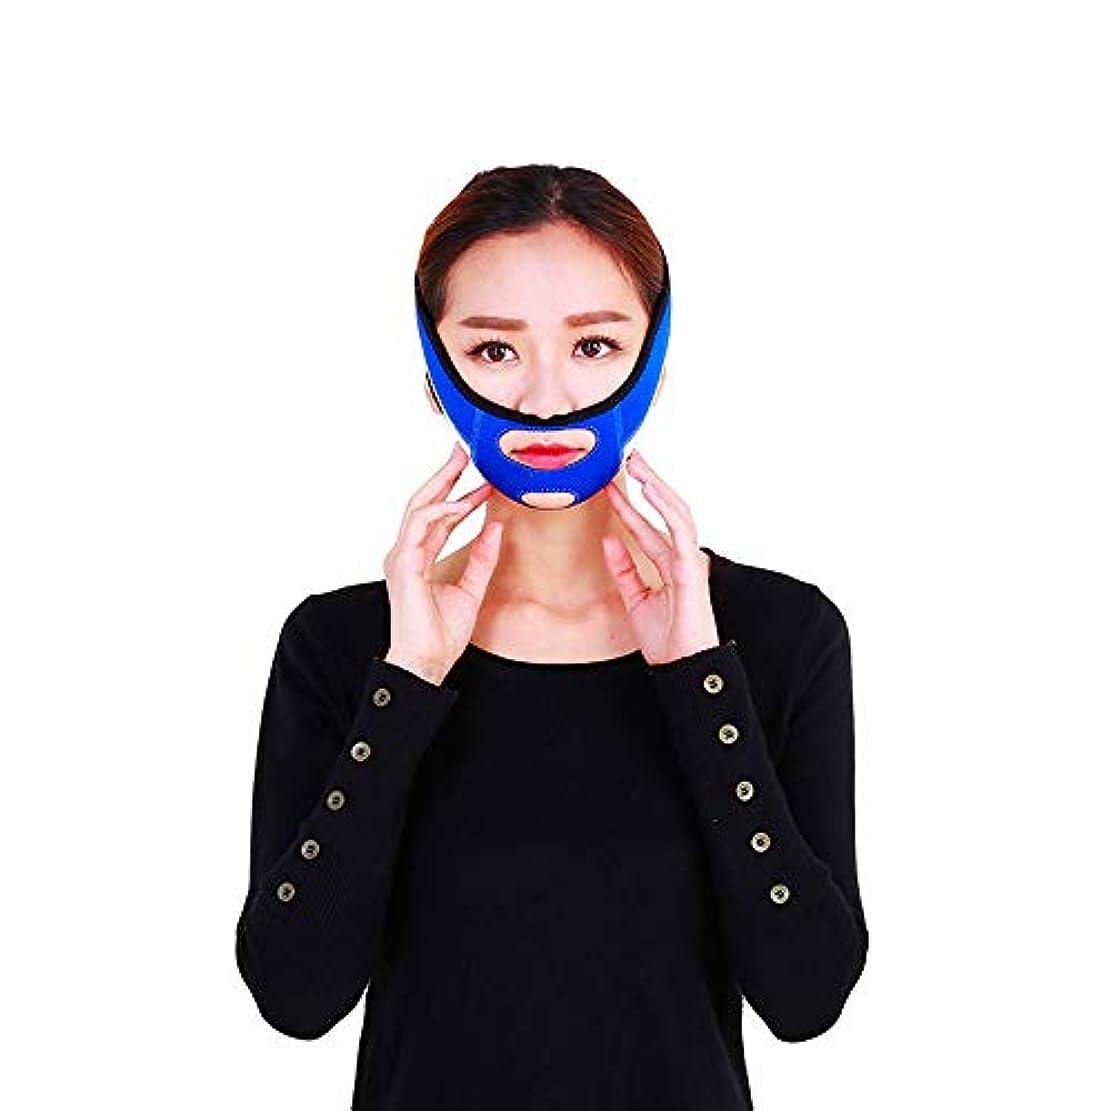 傾向がありますオレンジきゅうりXINGZHE フェイシャルリフティング痩身ベルトフェーススリム二重あごを取り除くアンチエイジングリンクルフェイス包帯マスク整形マスクが顔を引き締める フェイスリフティングベルト